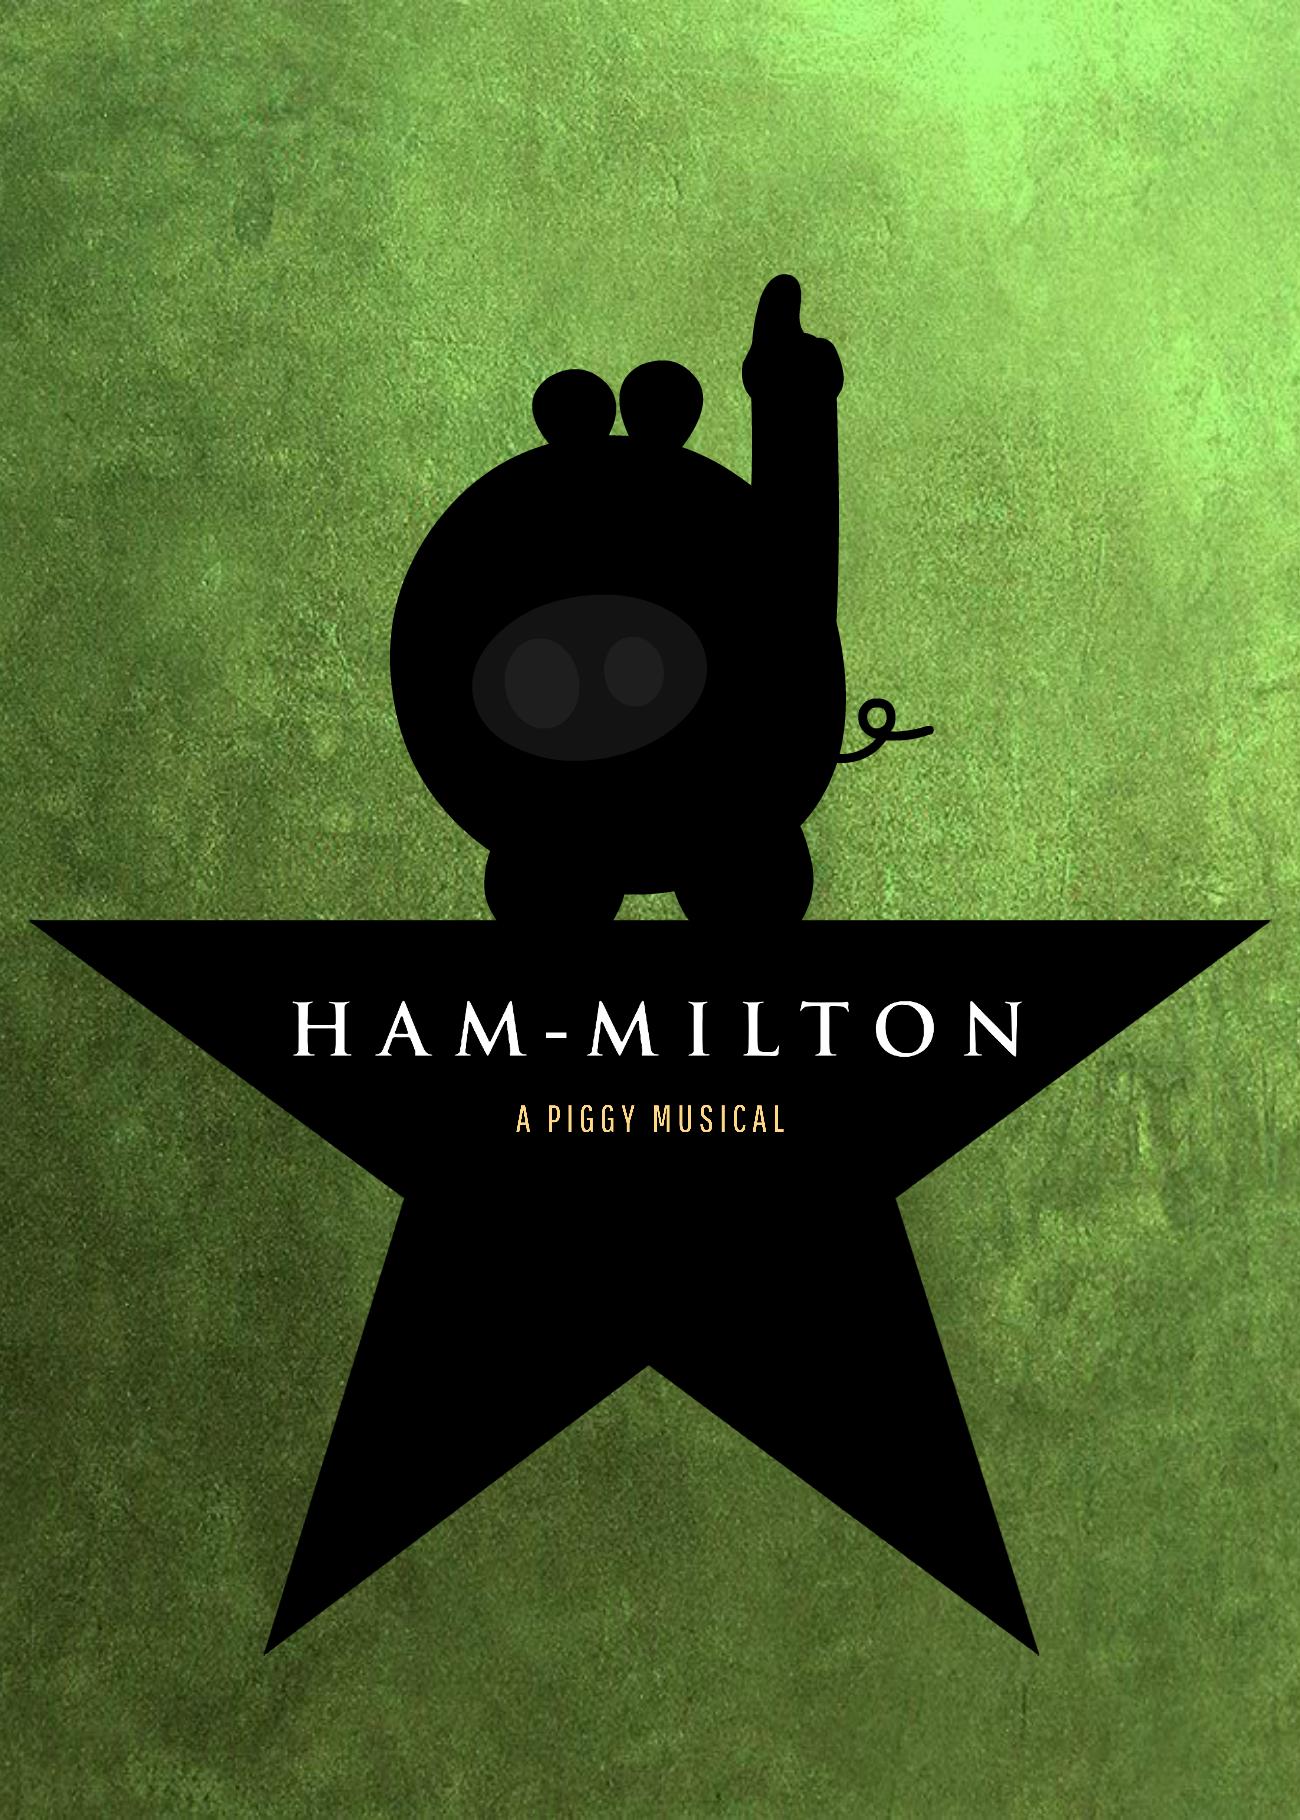 Ham-milton